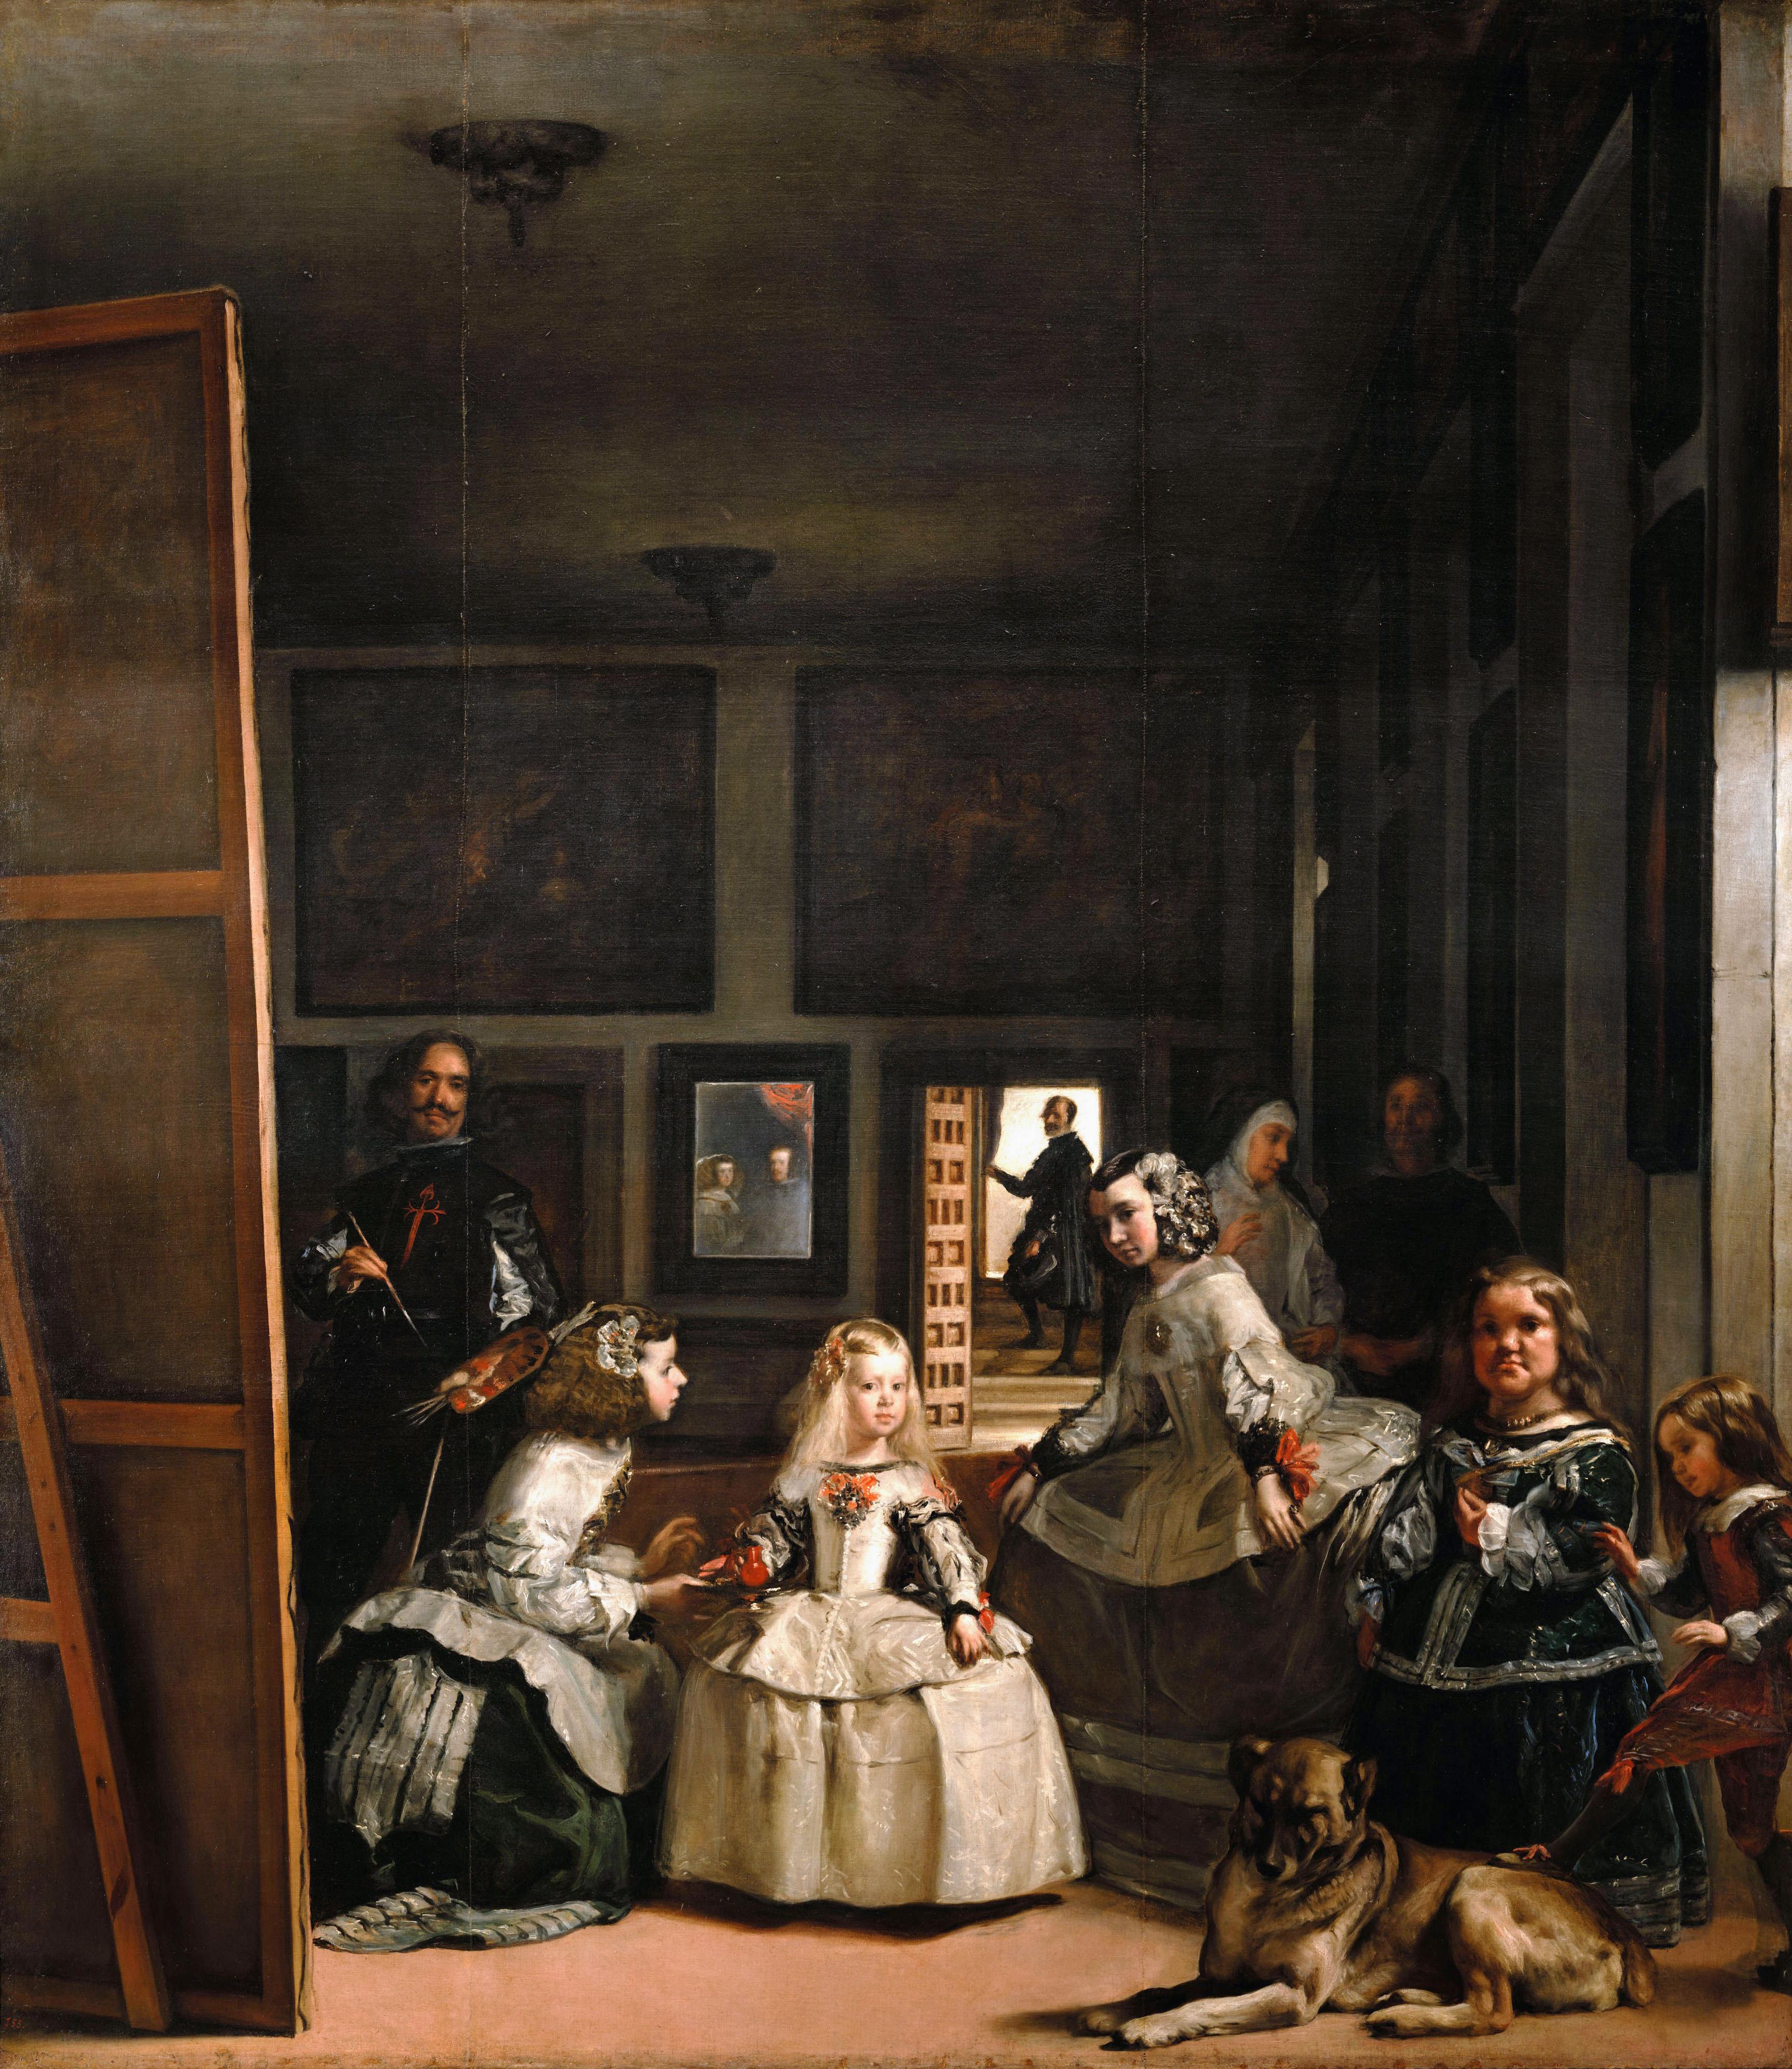 Las Meninas door Diego Velázquez, ca. 1657